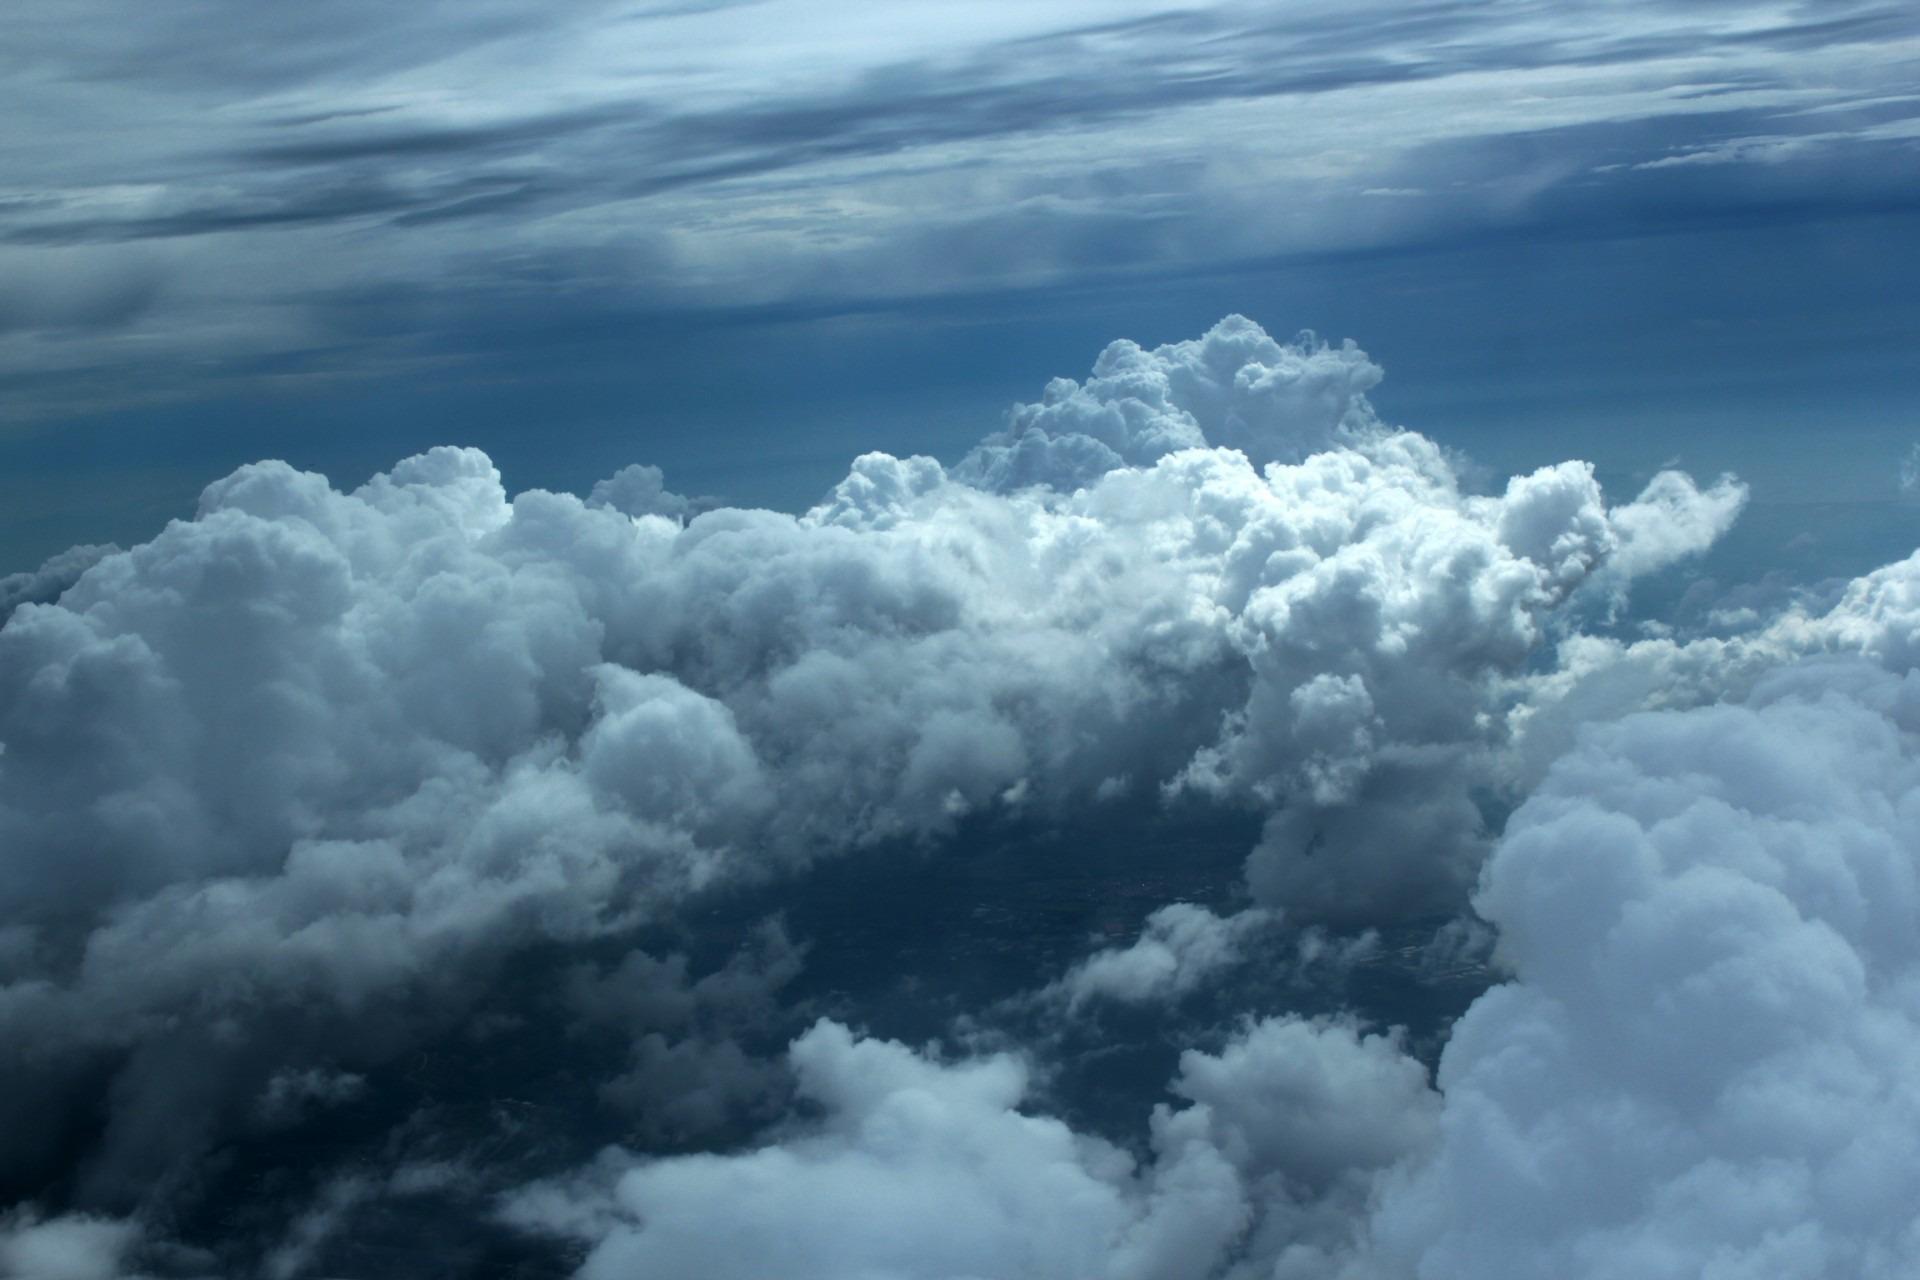 Gambar Alam Berawan Suasana Siang Hari Cuaca Gumpalan Awan